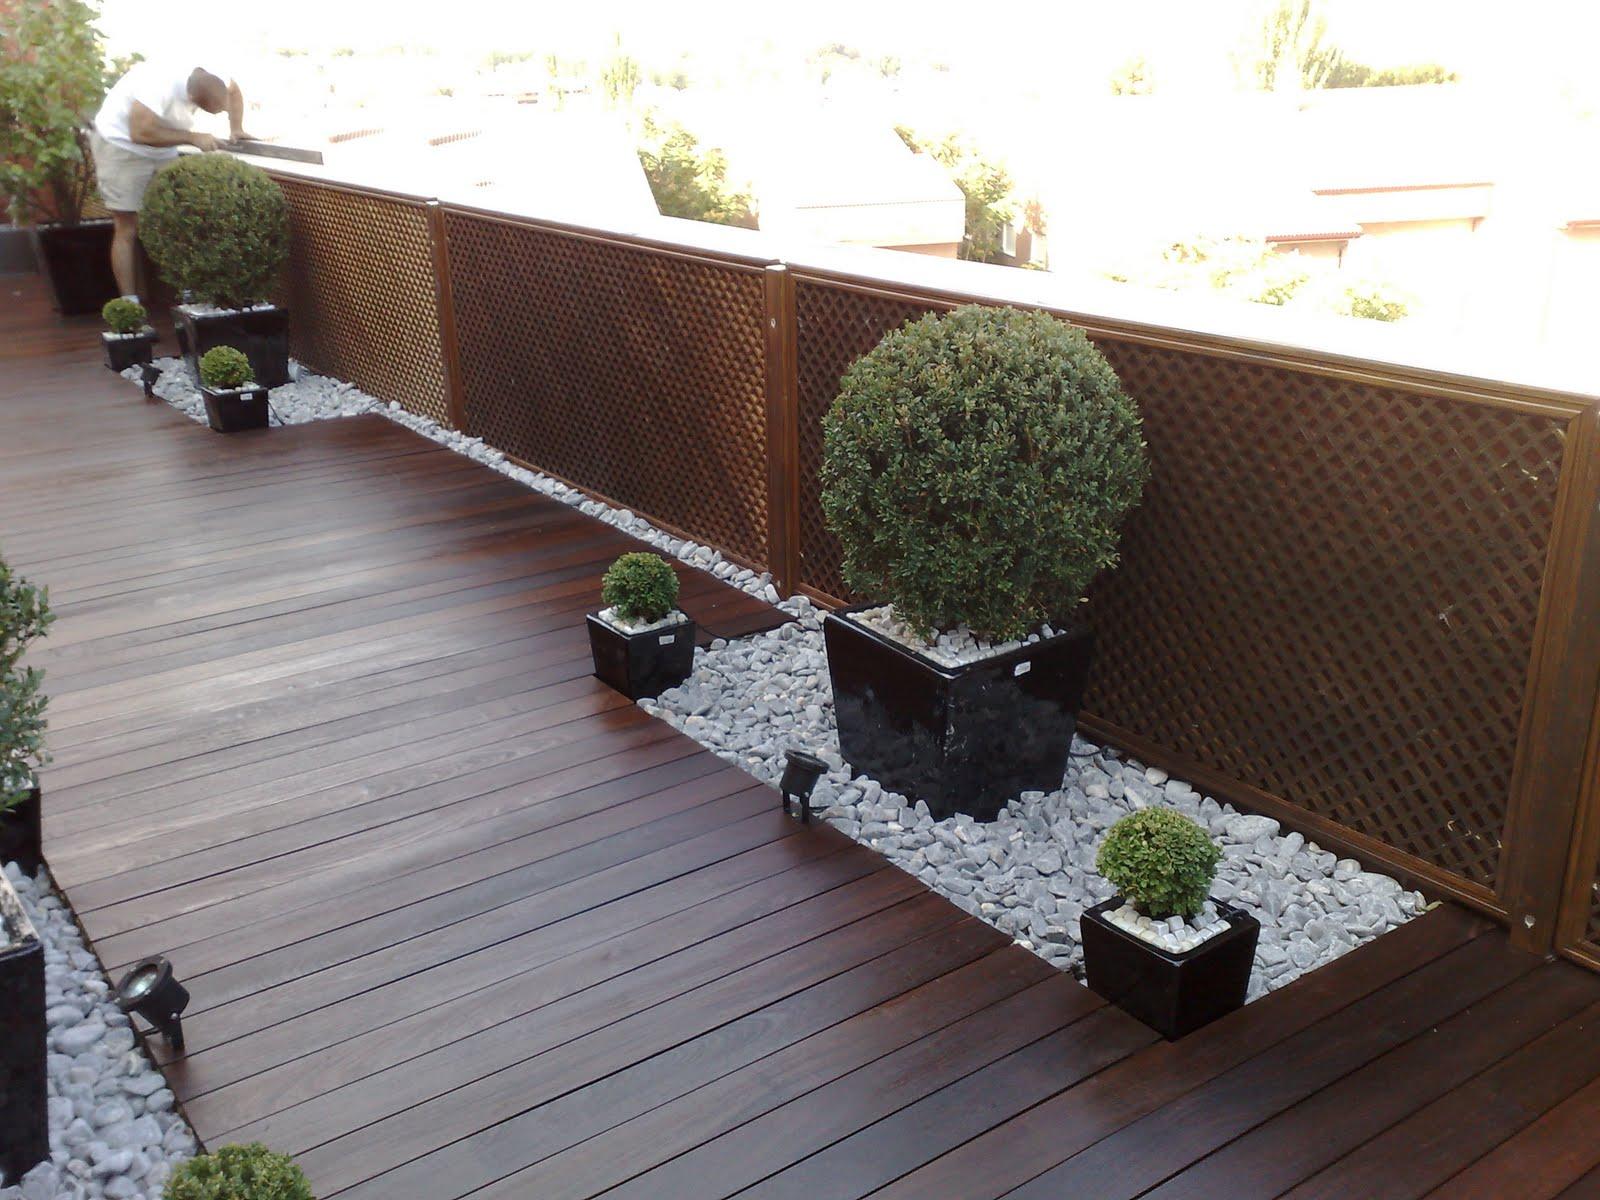 Arte y jardiner a el jard n minimalista urbano ejemplo for Decoracion estanques